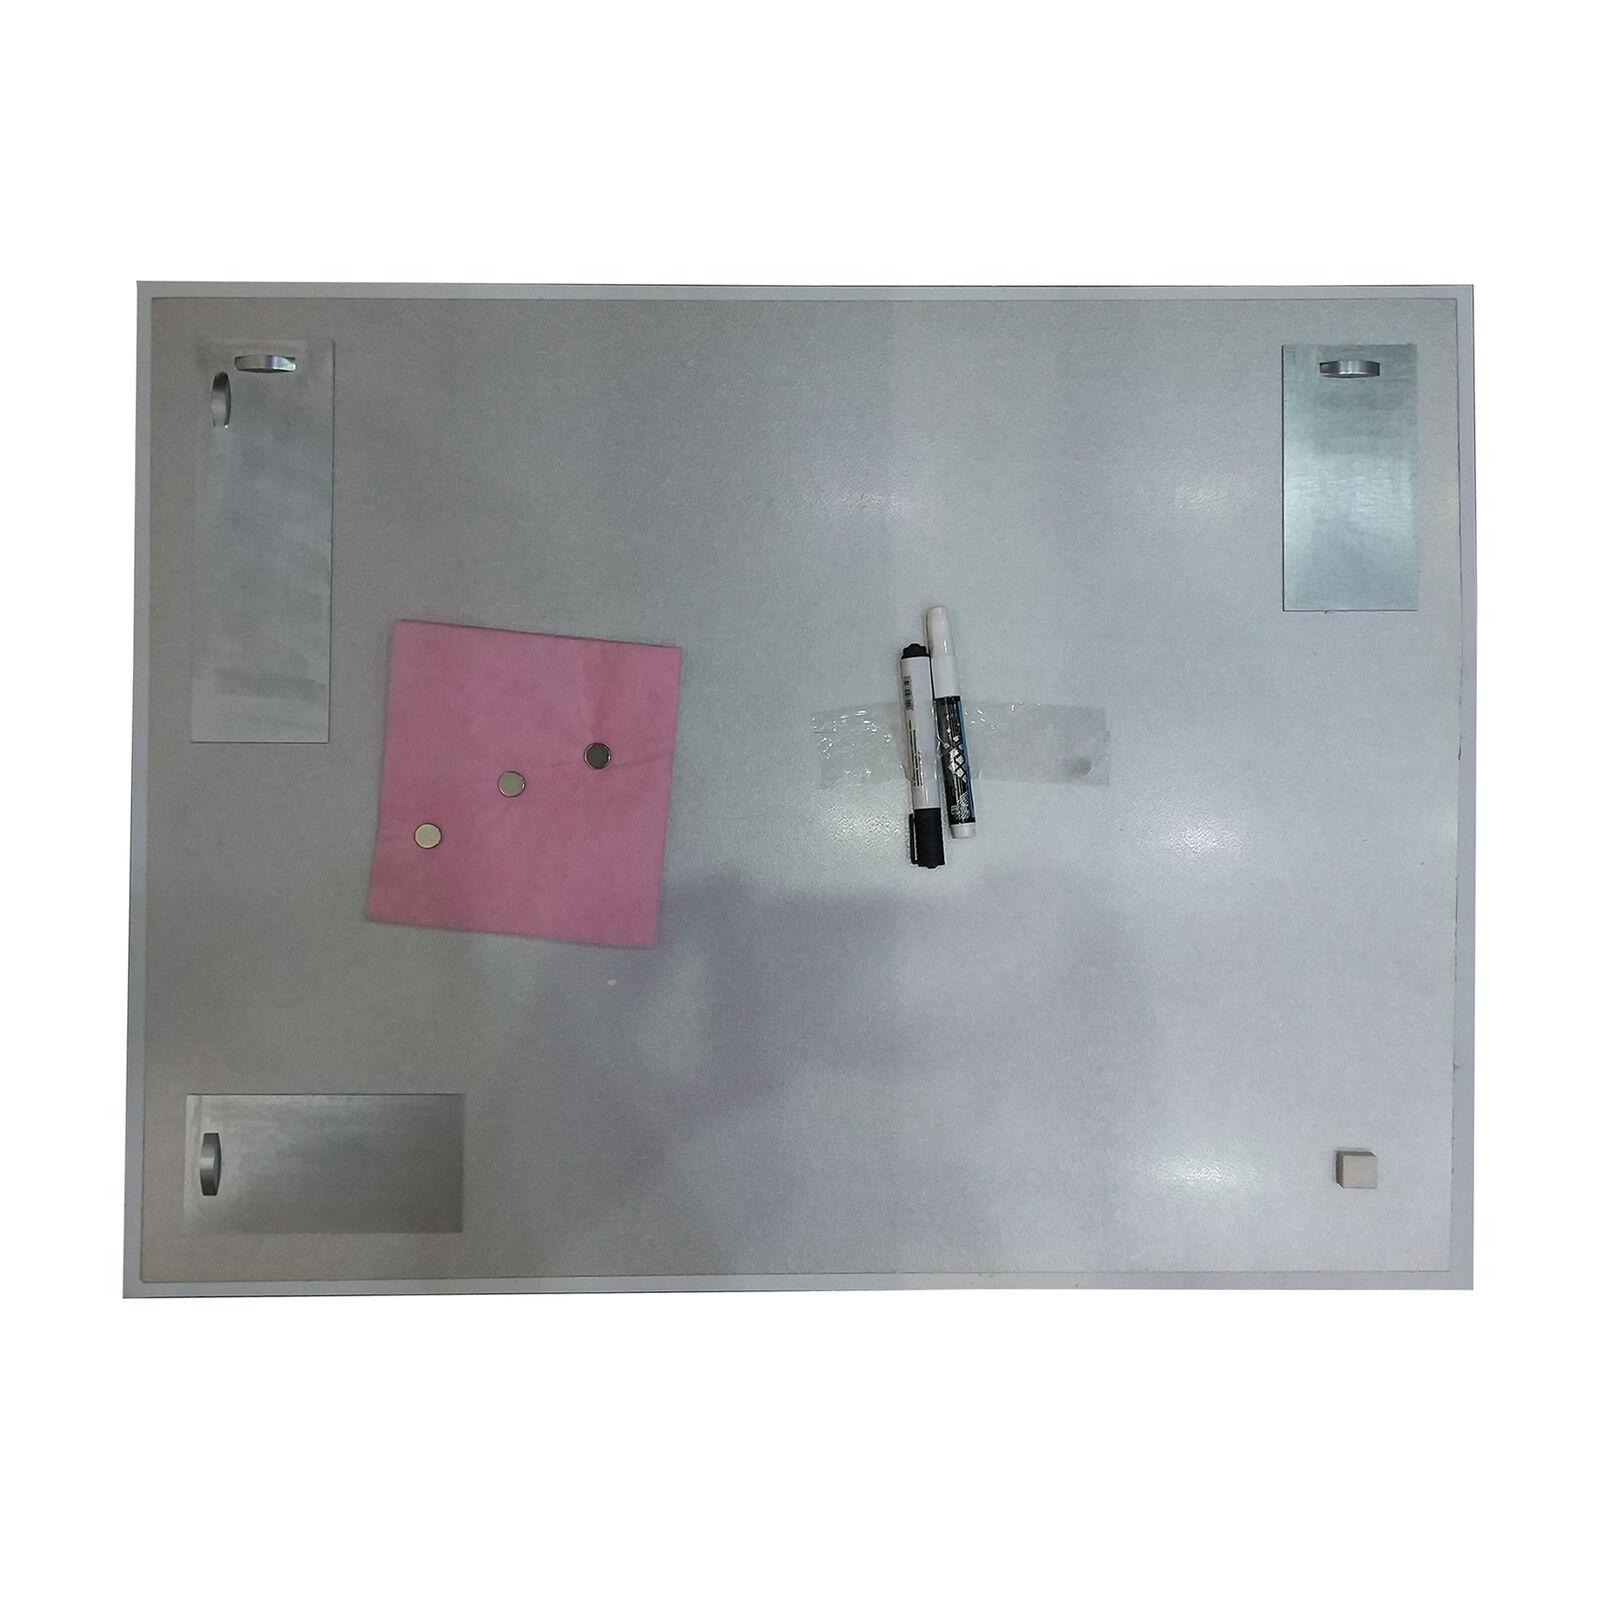 Full Size of Pinnwand Modern Küche Glas Magnettafel Trkis 60x80 Wand Mit Zubehr Whiteboard Hochschrank Planen Kostenlos Kräutertopf Glasbilder Holzofen Spüle Wohnzimmer Pinnwand Modern Küche